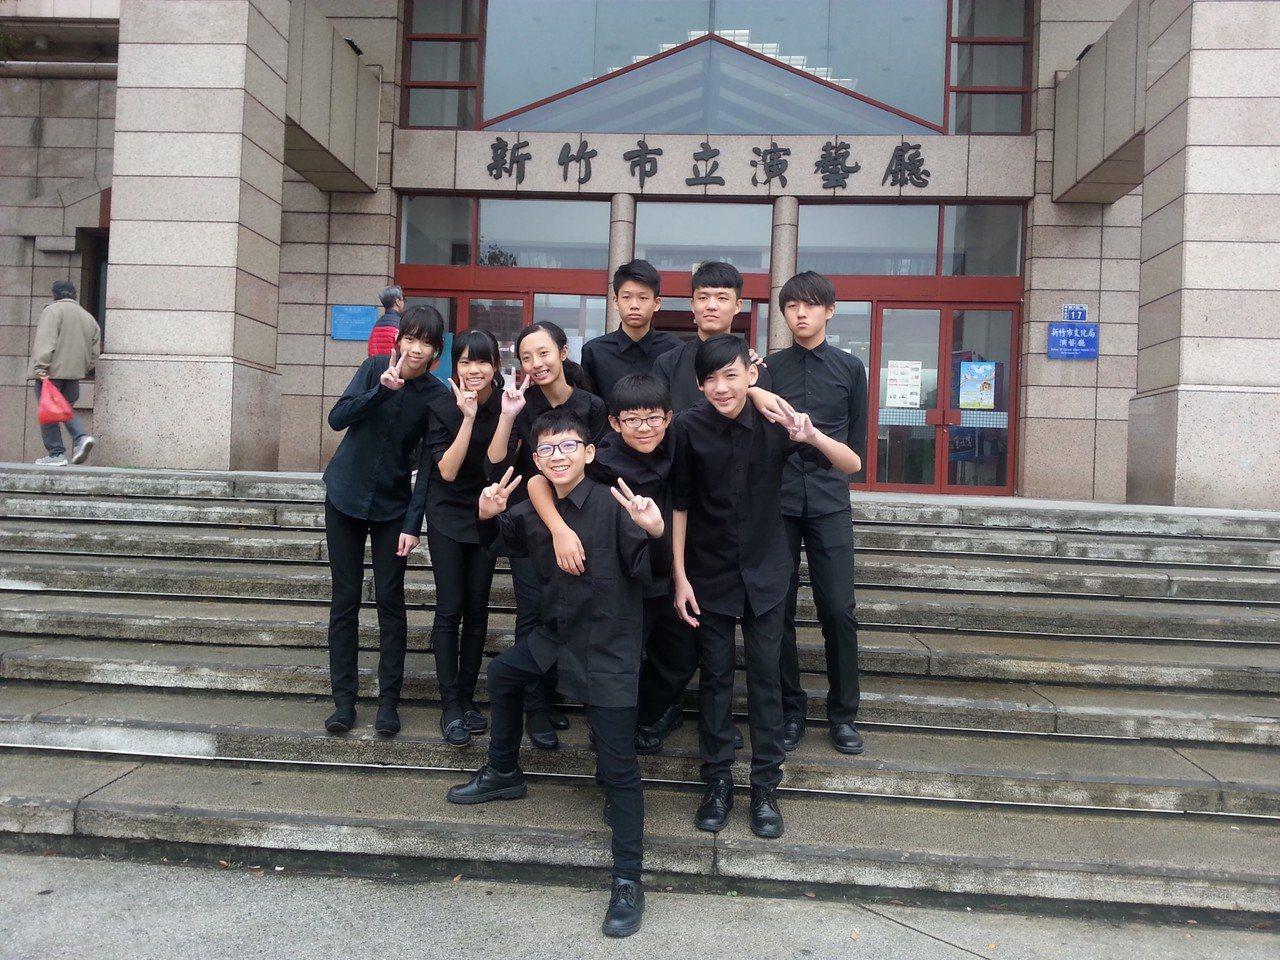 光華國中打擊樂合奏國中團體組榮獲優等進入全國賽。圖/新竹市府教育處提供